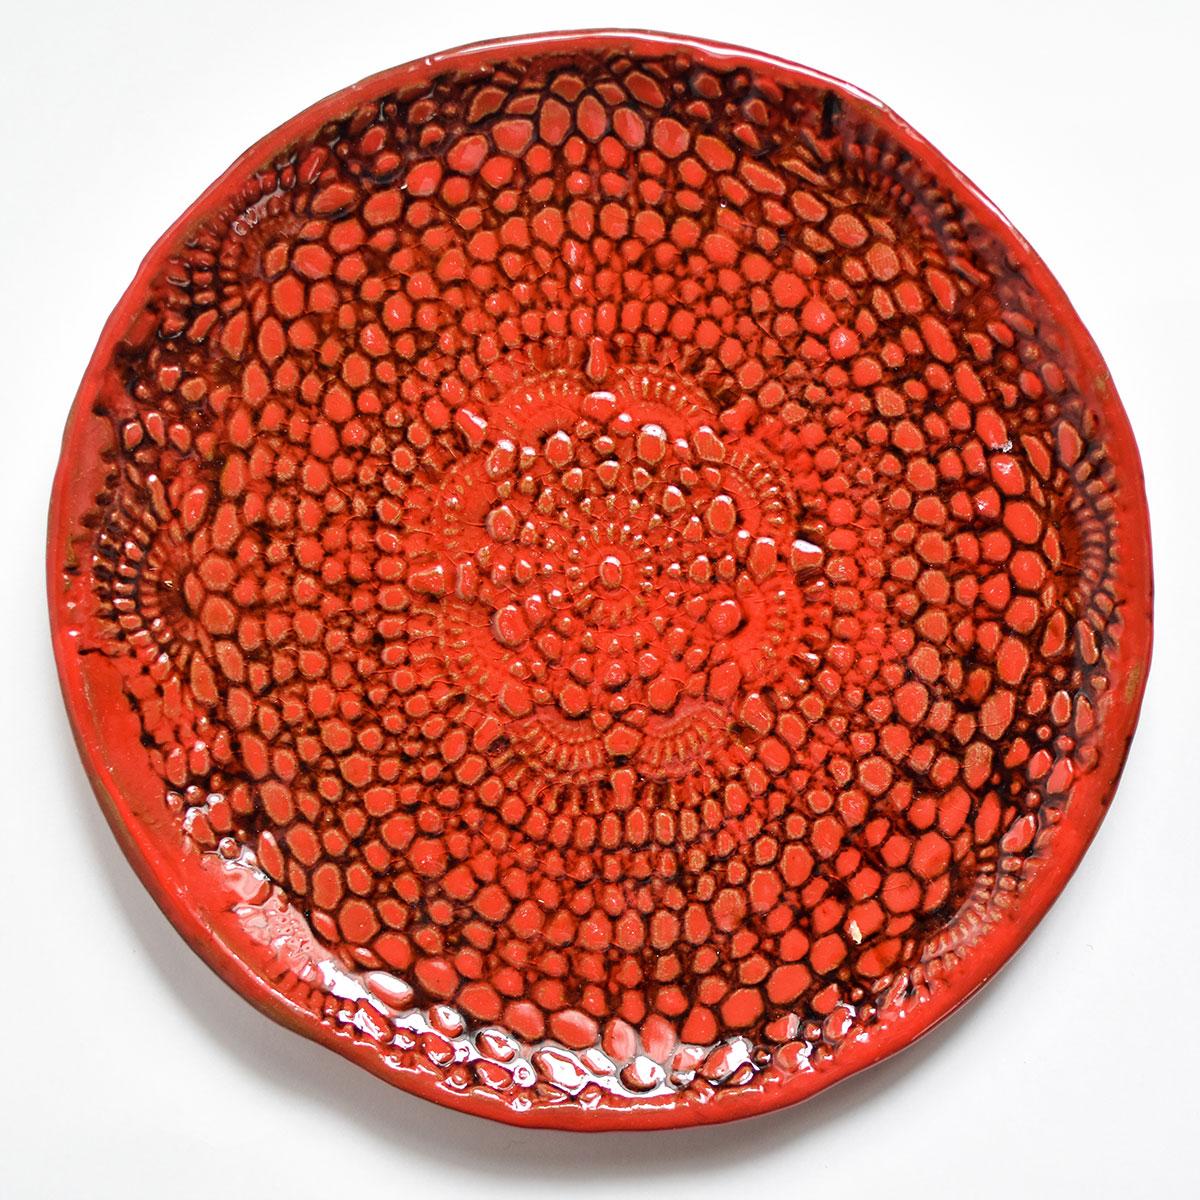 """картинка Керамическая тарелка с кружевом """"Огонь"""" 2 - DishWishes.Ru"""